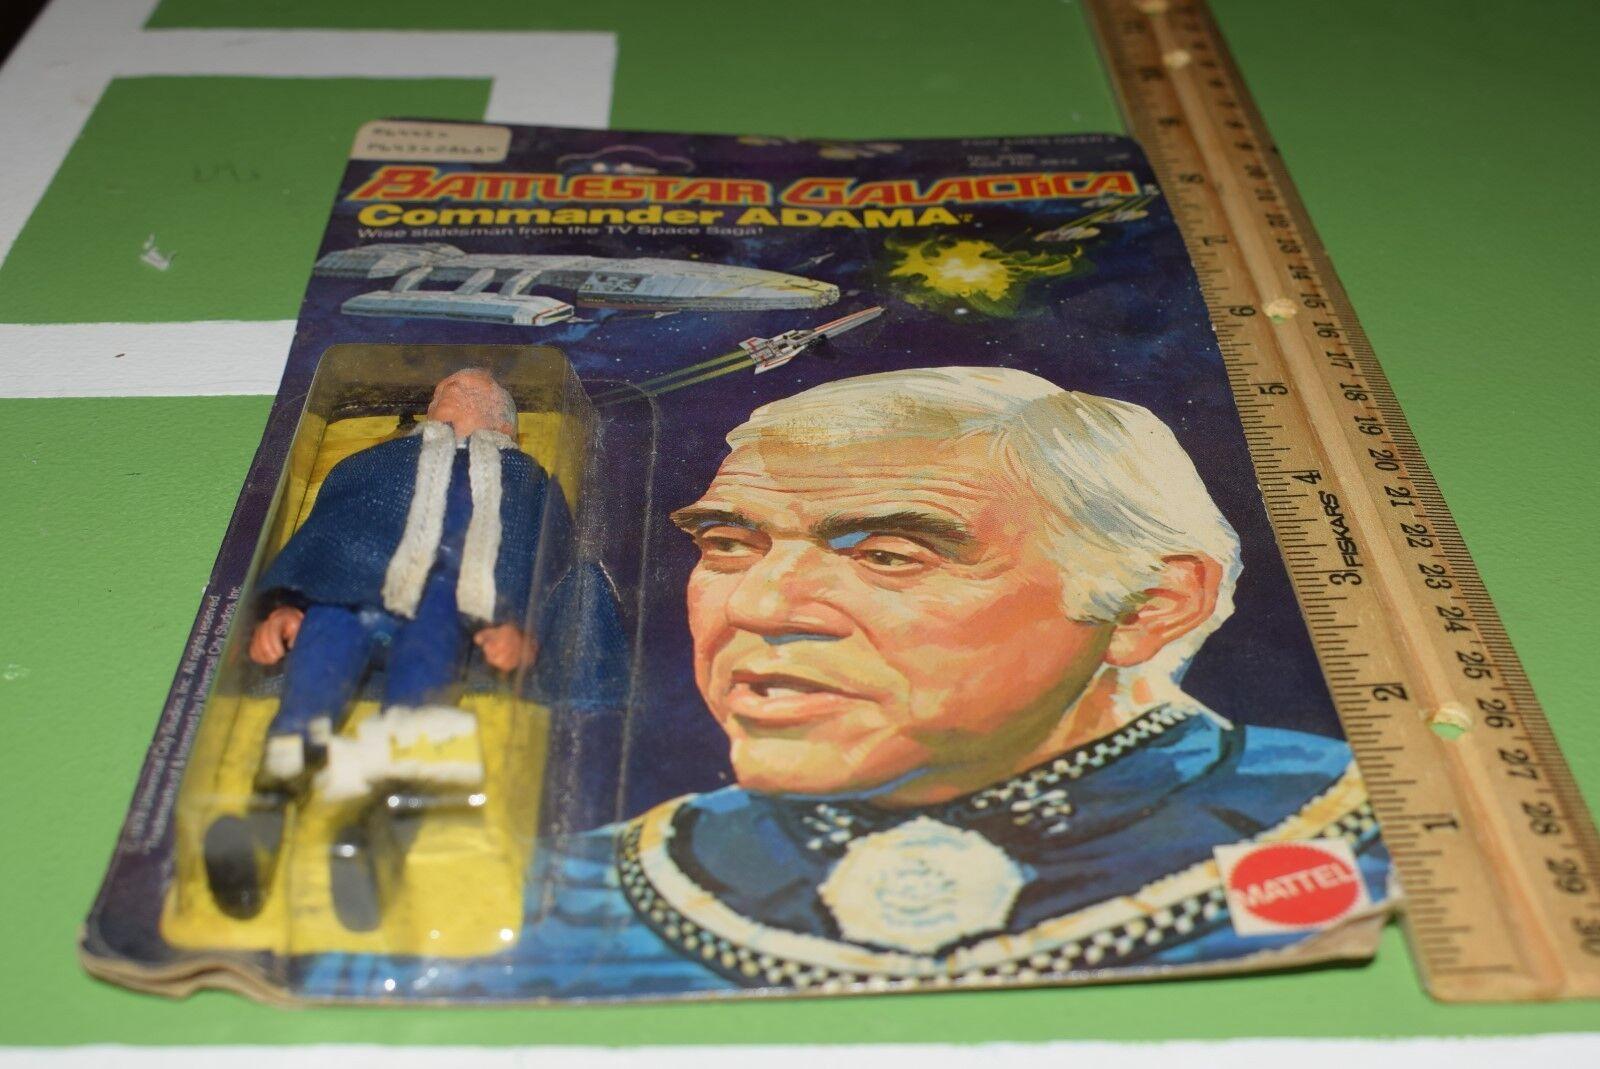 annata 1978 1978 1978  battlestar galactica il comandante adama, nuova di zecca htf mattel sigillato 354bba